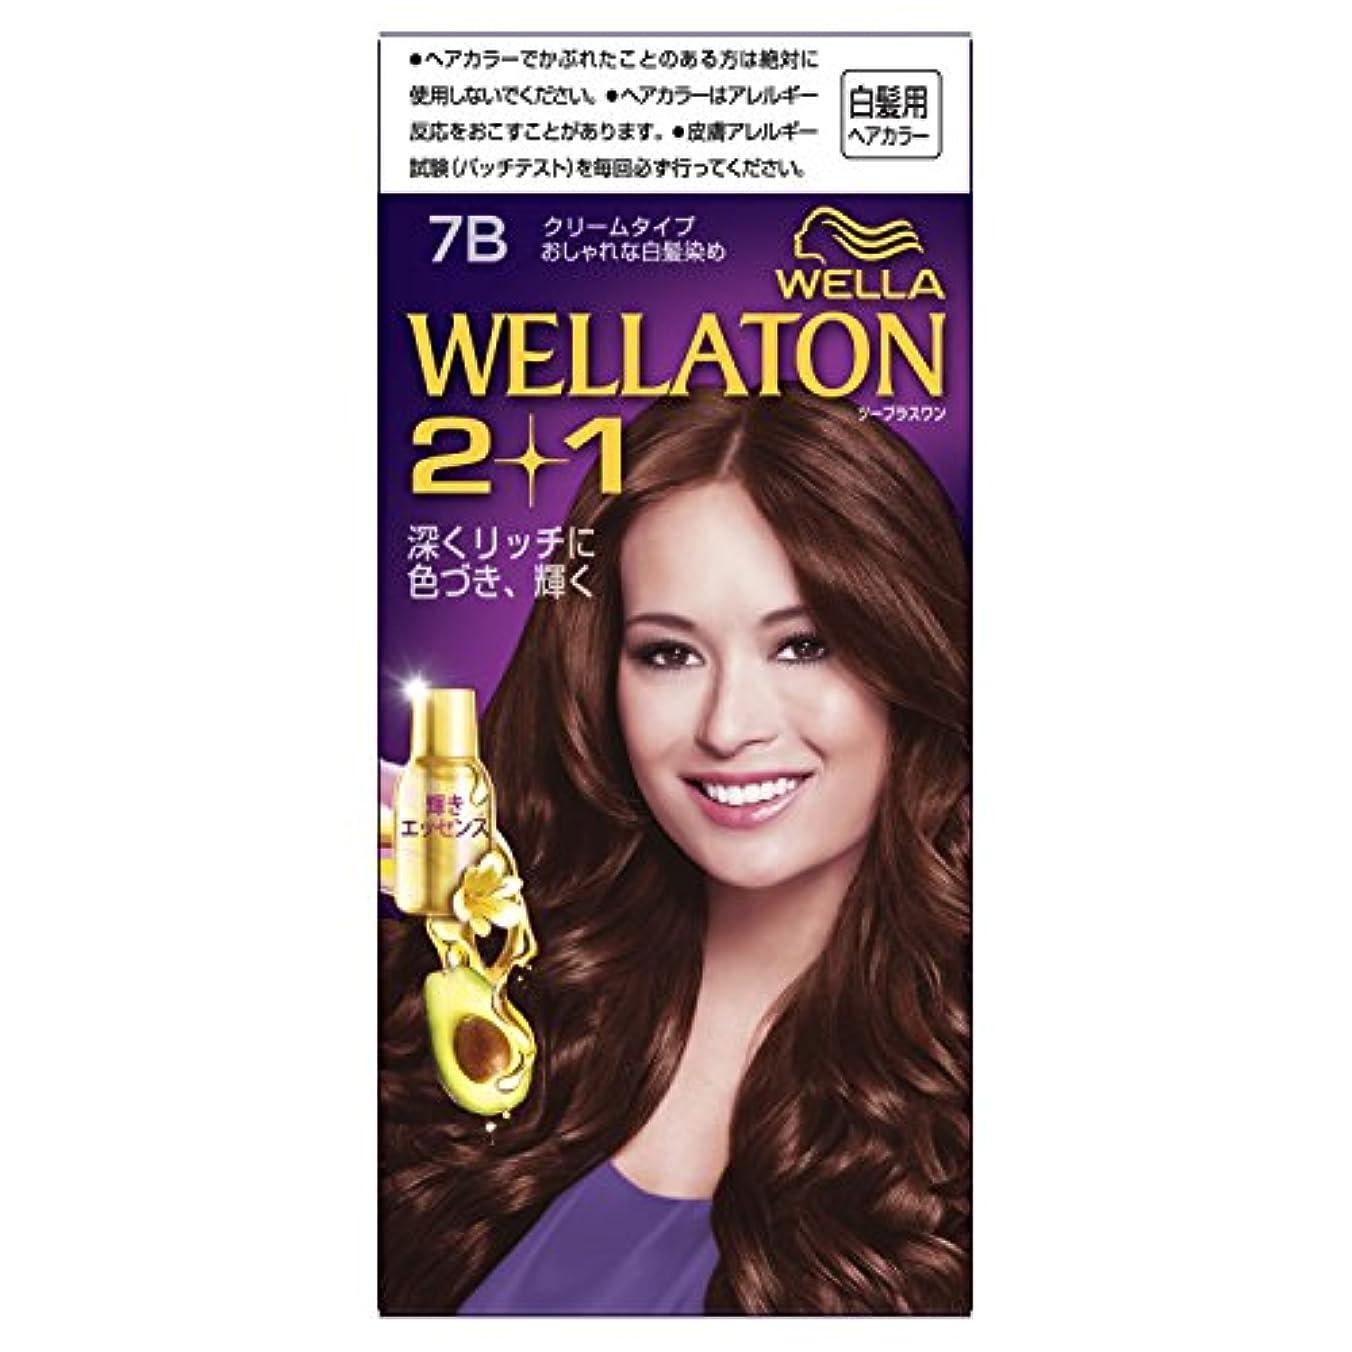 ゴネリル契約変装したウエラトーン2+1 クリームタイプ 7B [医薬部外品](おしゃれな白髪染め)